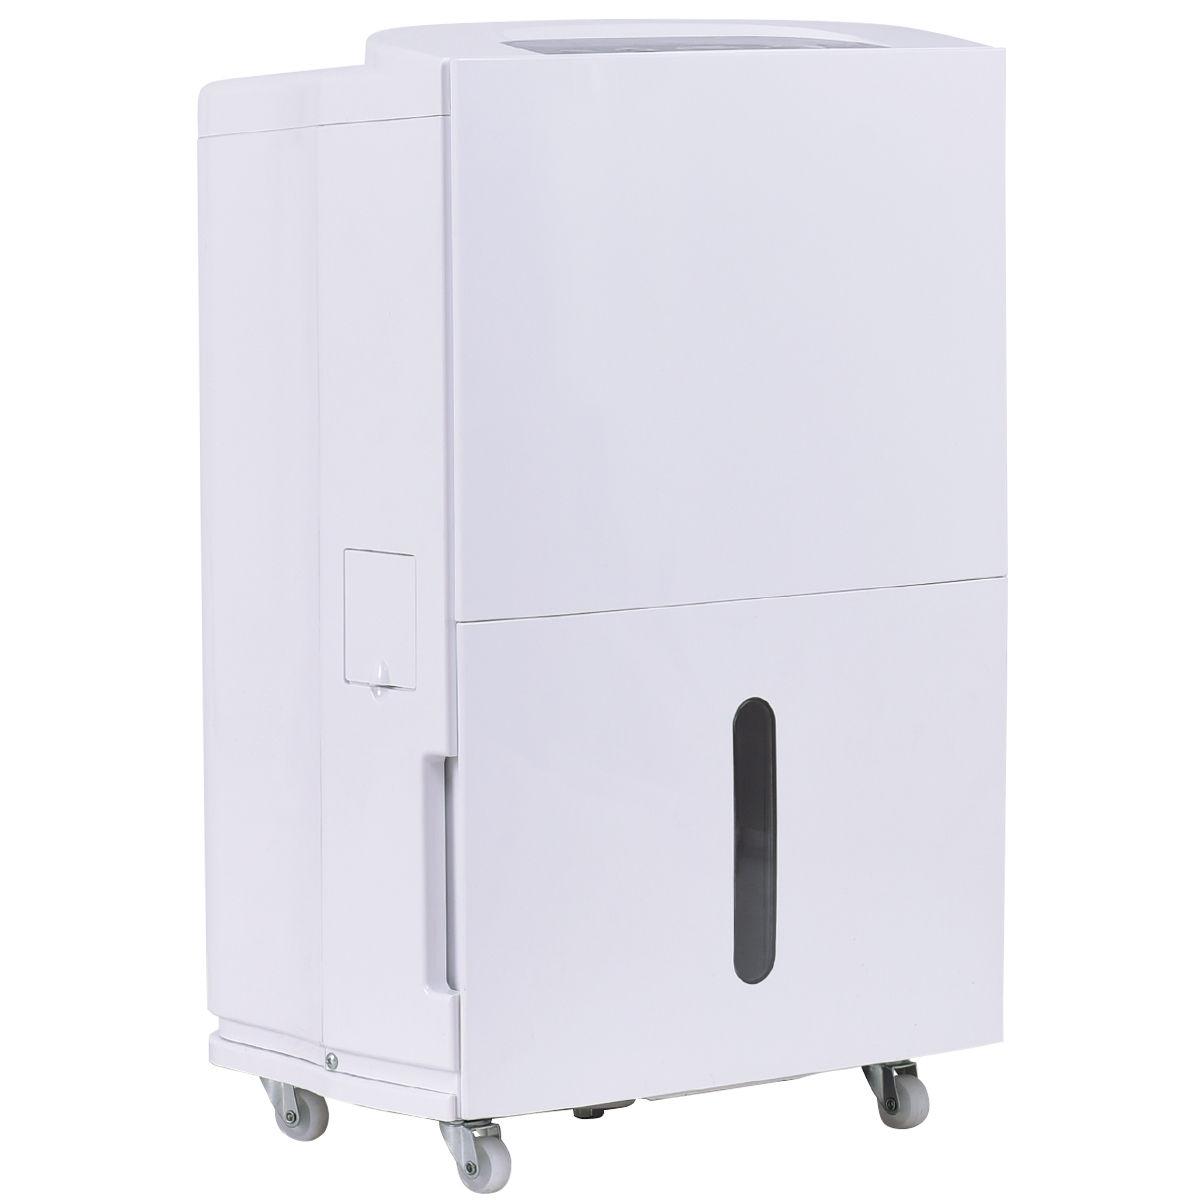 Compact 50 Pint Dehumidifier 3-Speed Fan Air Filter